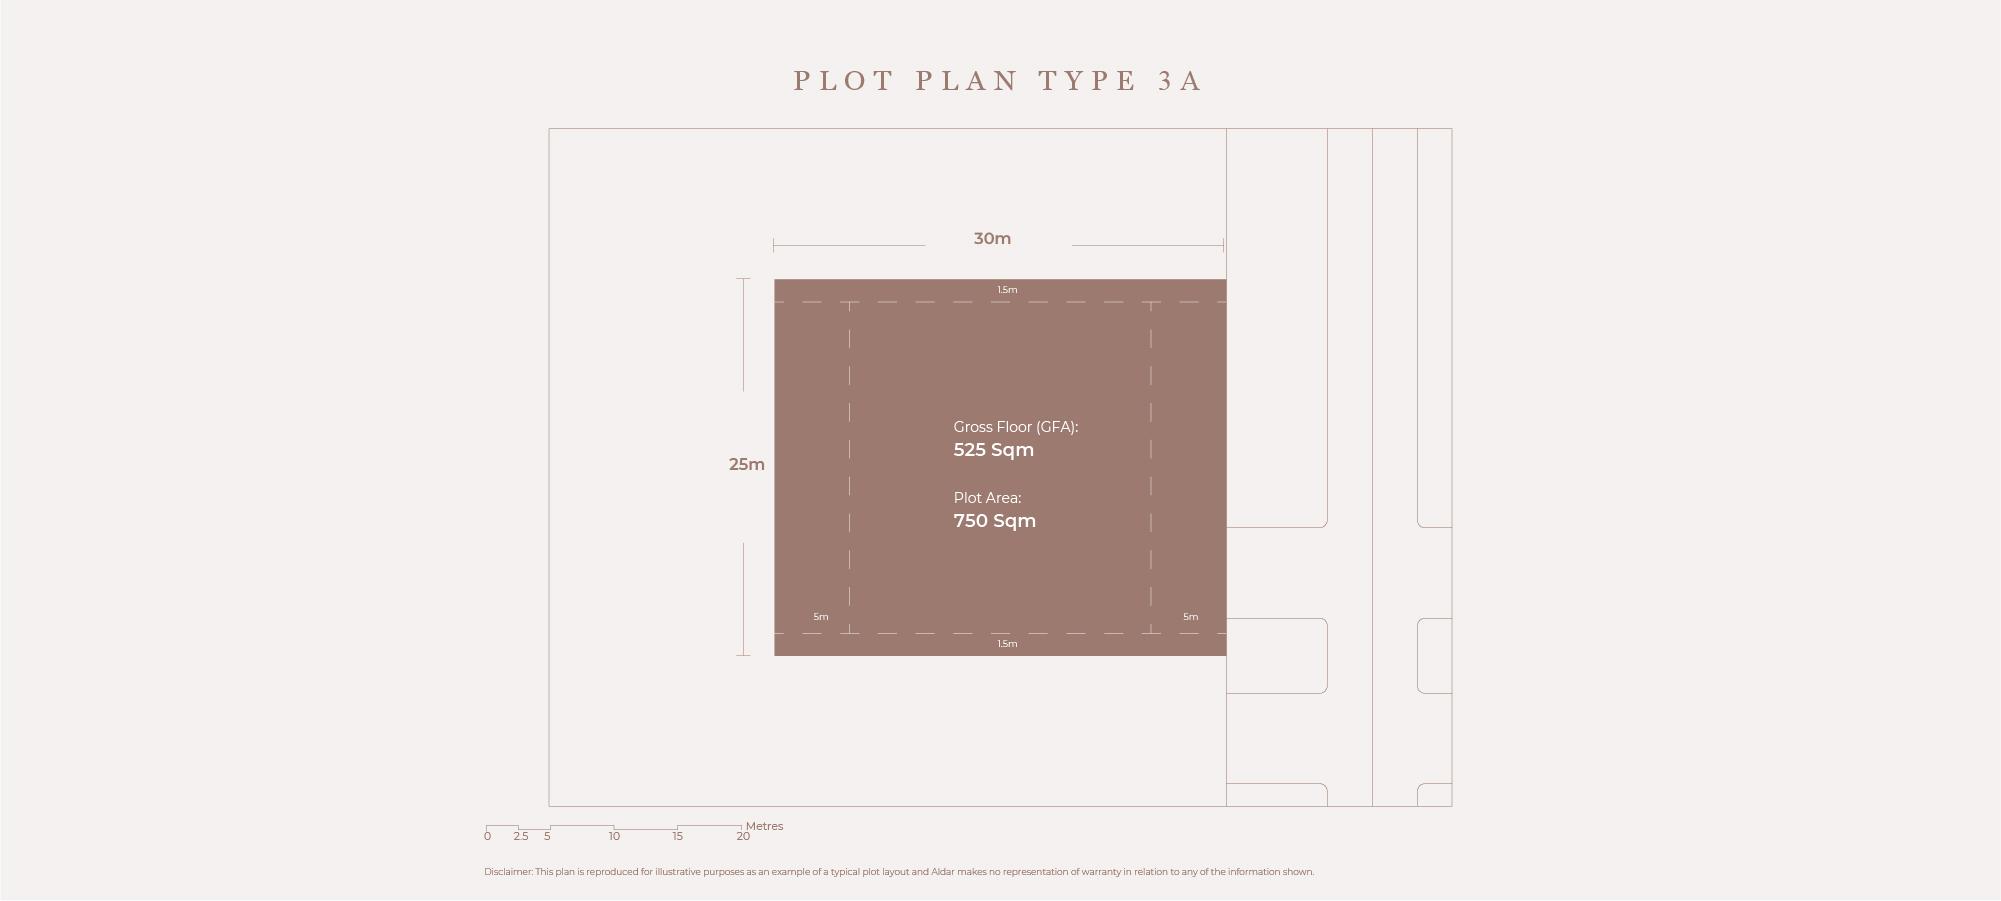 Plots Plan Type 3A, Size 750 Sqm